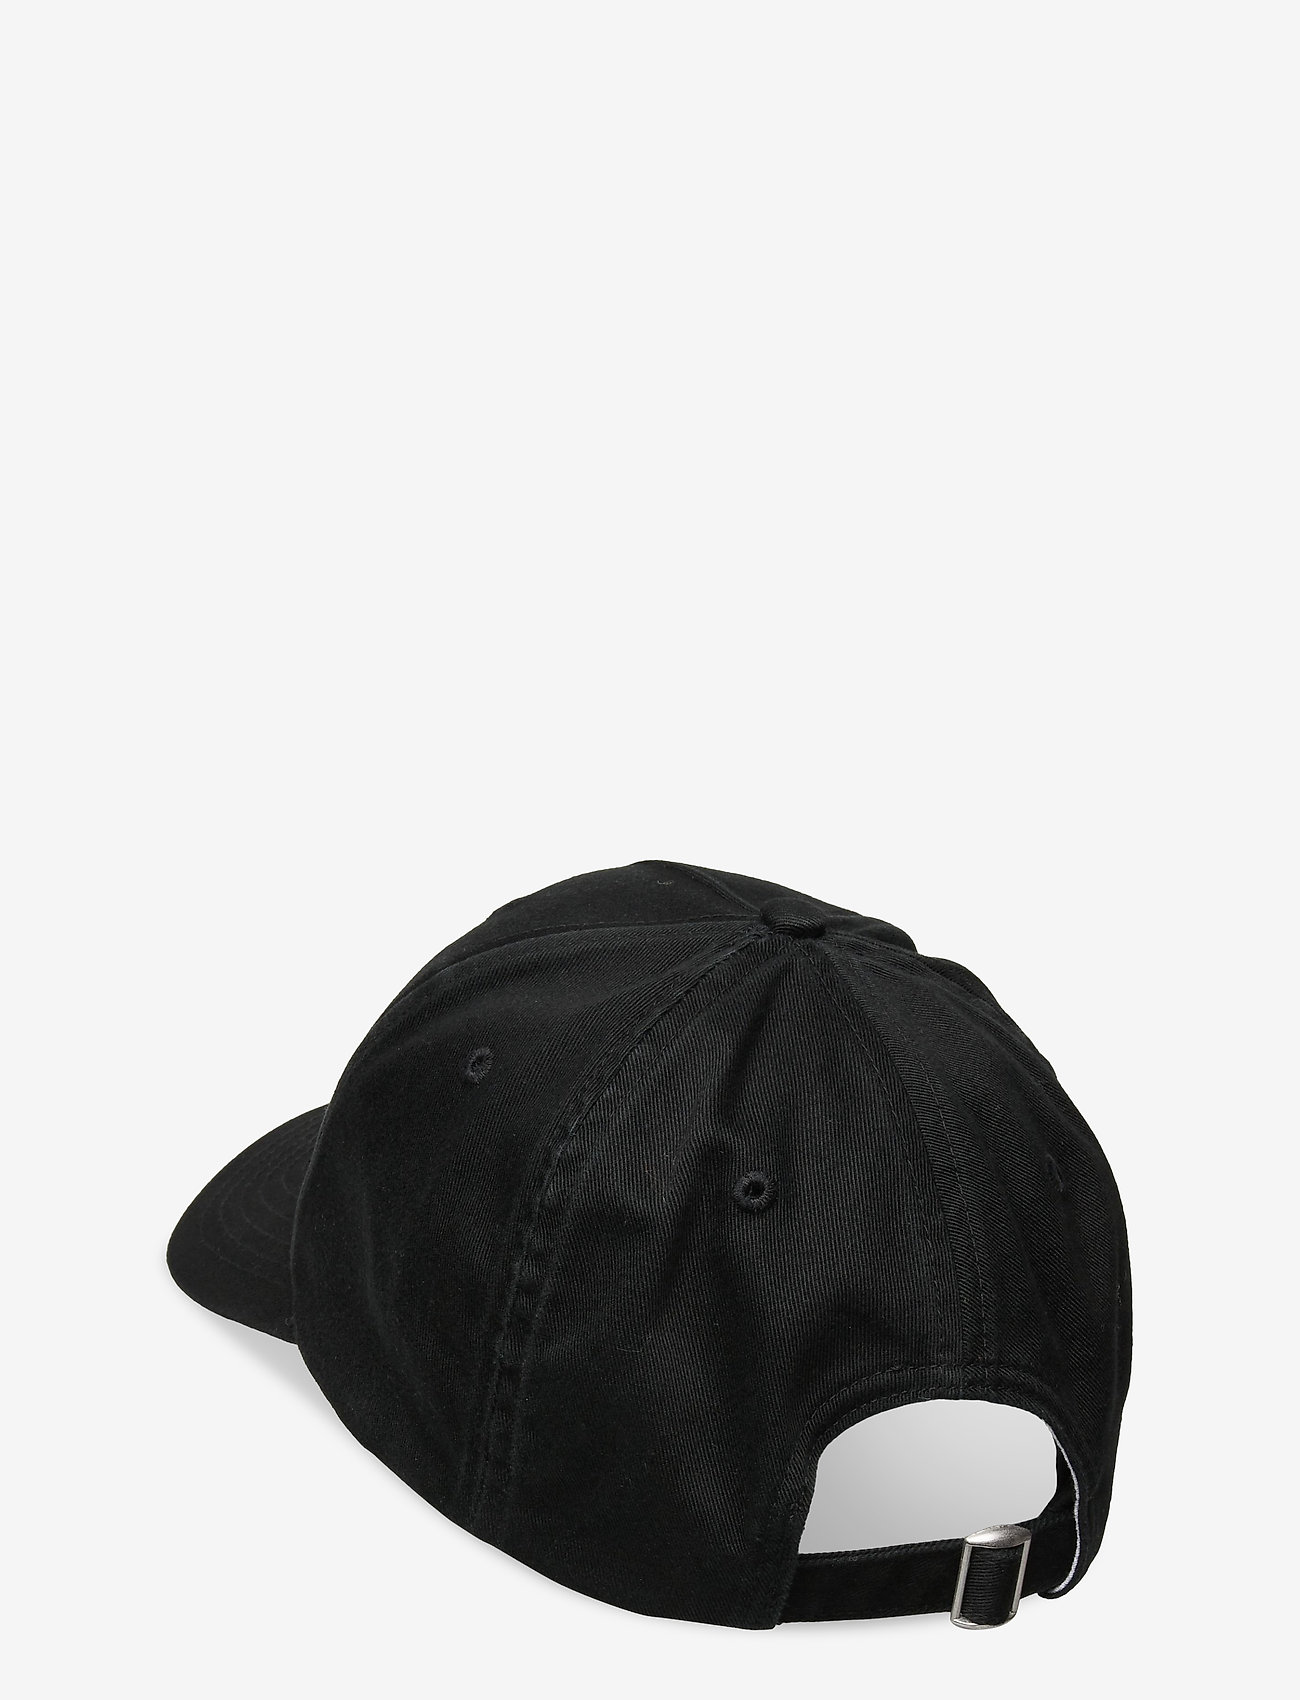 Björn Borg - CAP SPORTSWEAR SPORTSWEAR CAP - kasketter - black logo - 1